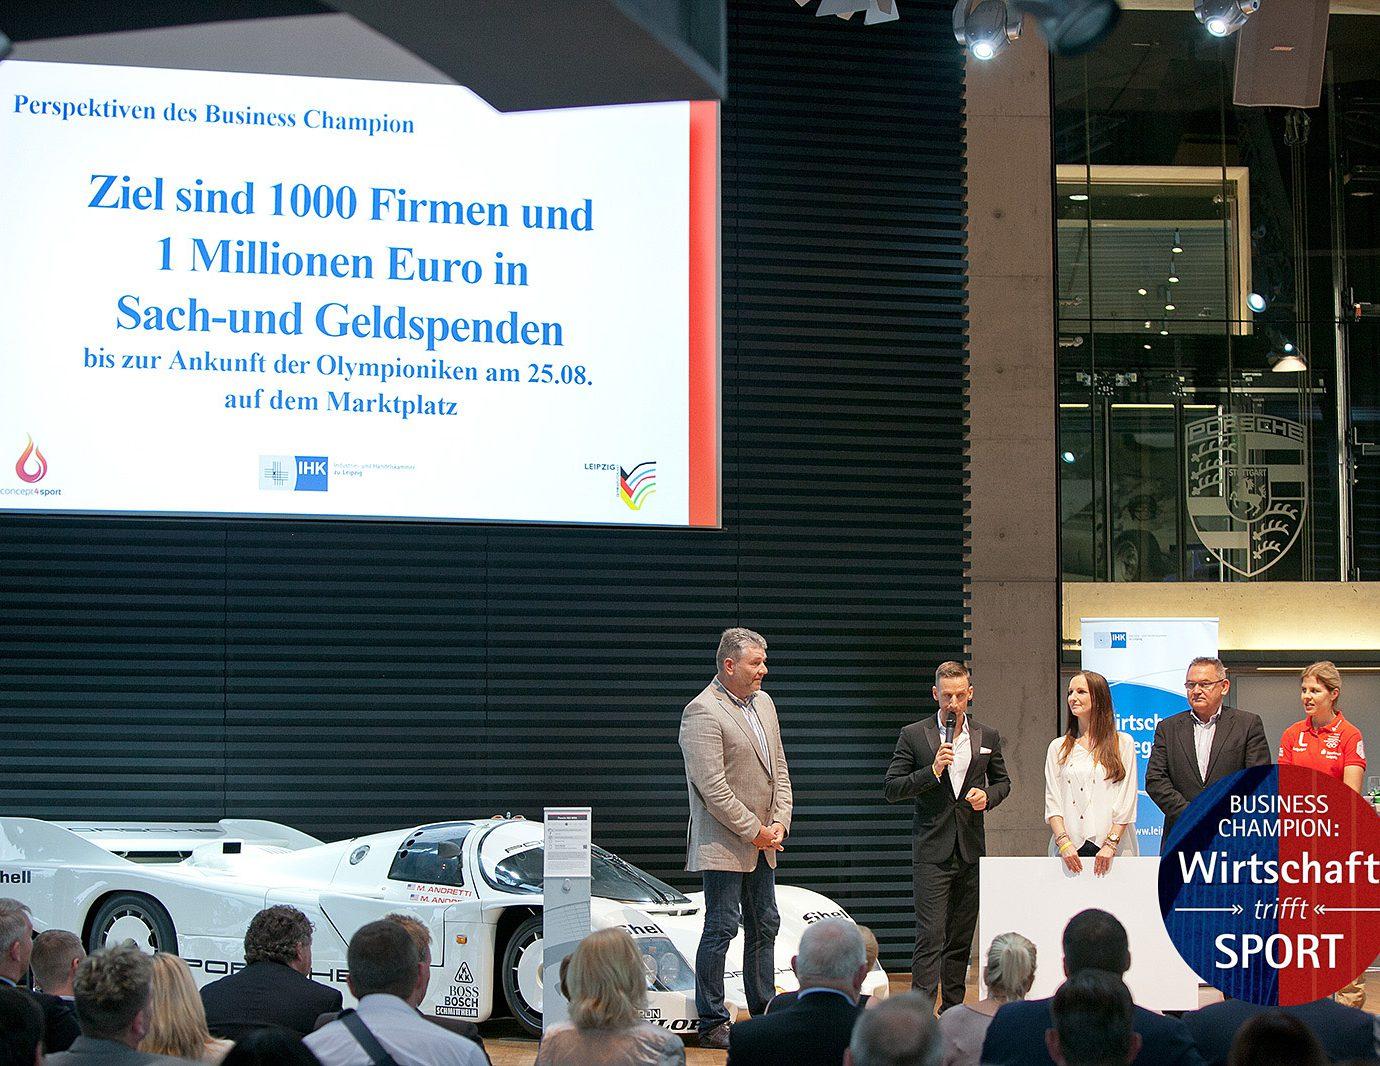 BusinessChampion_Porsche_Werk_Leipzig_Fotodokumentation_2016_Herrvonundzu_21